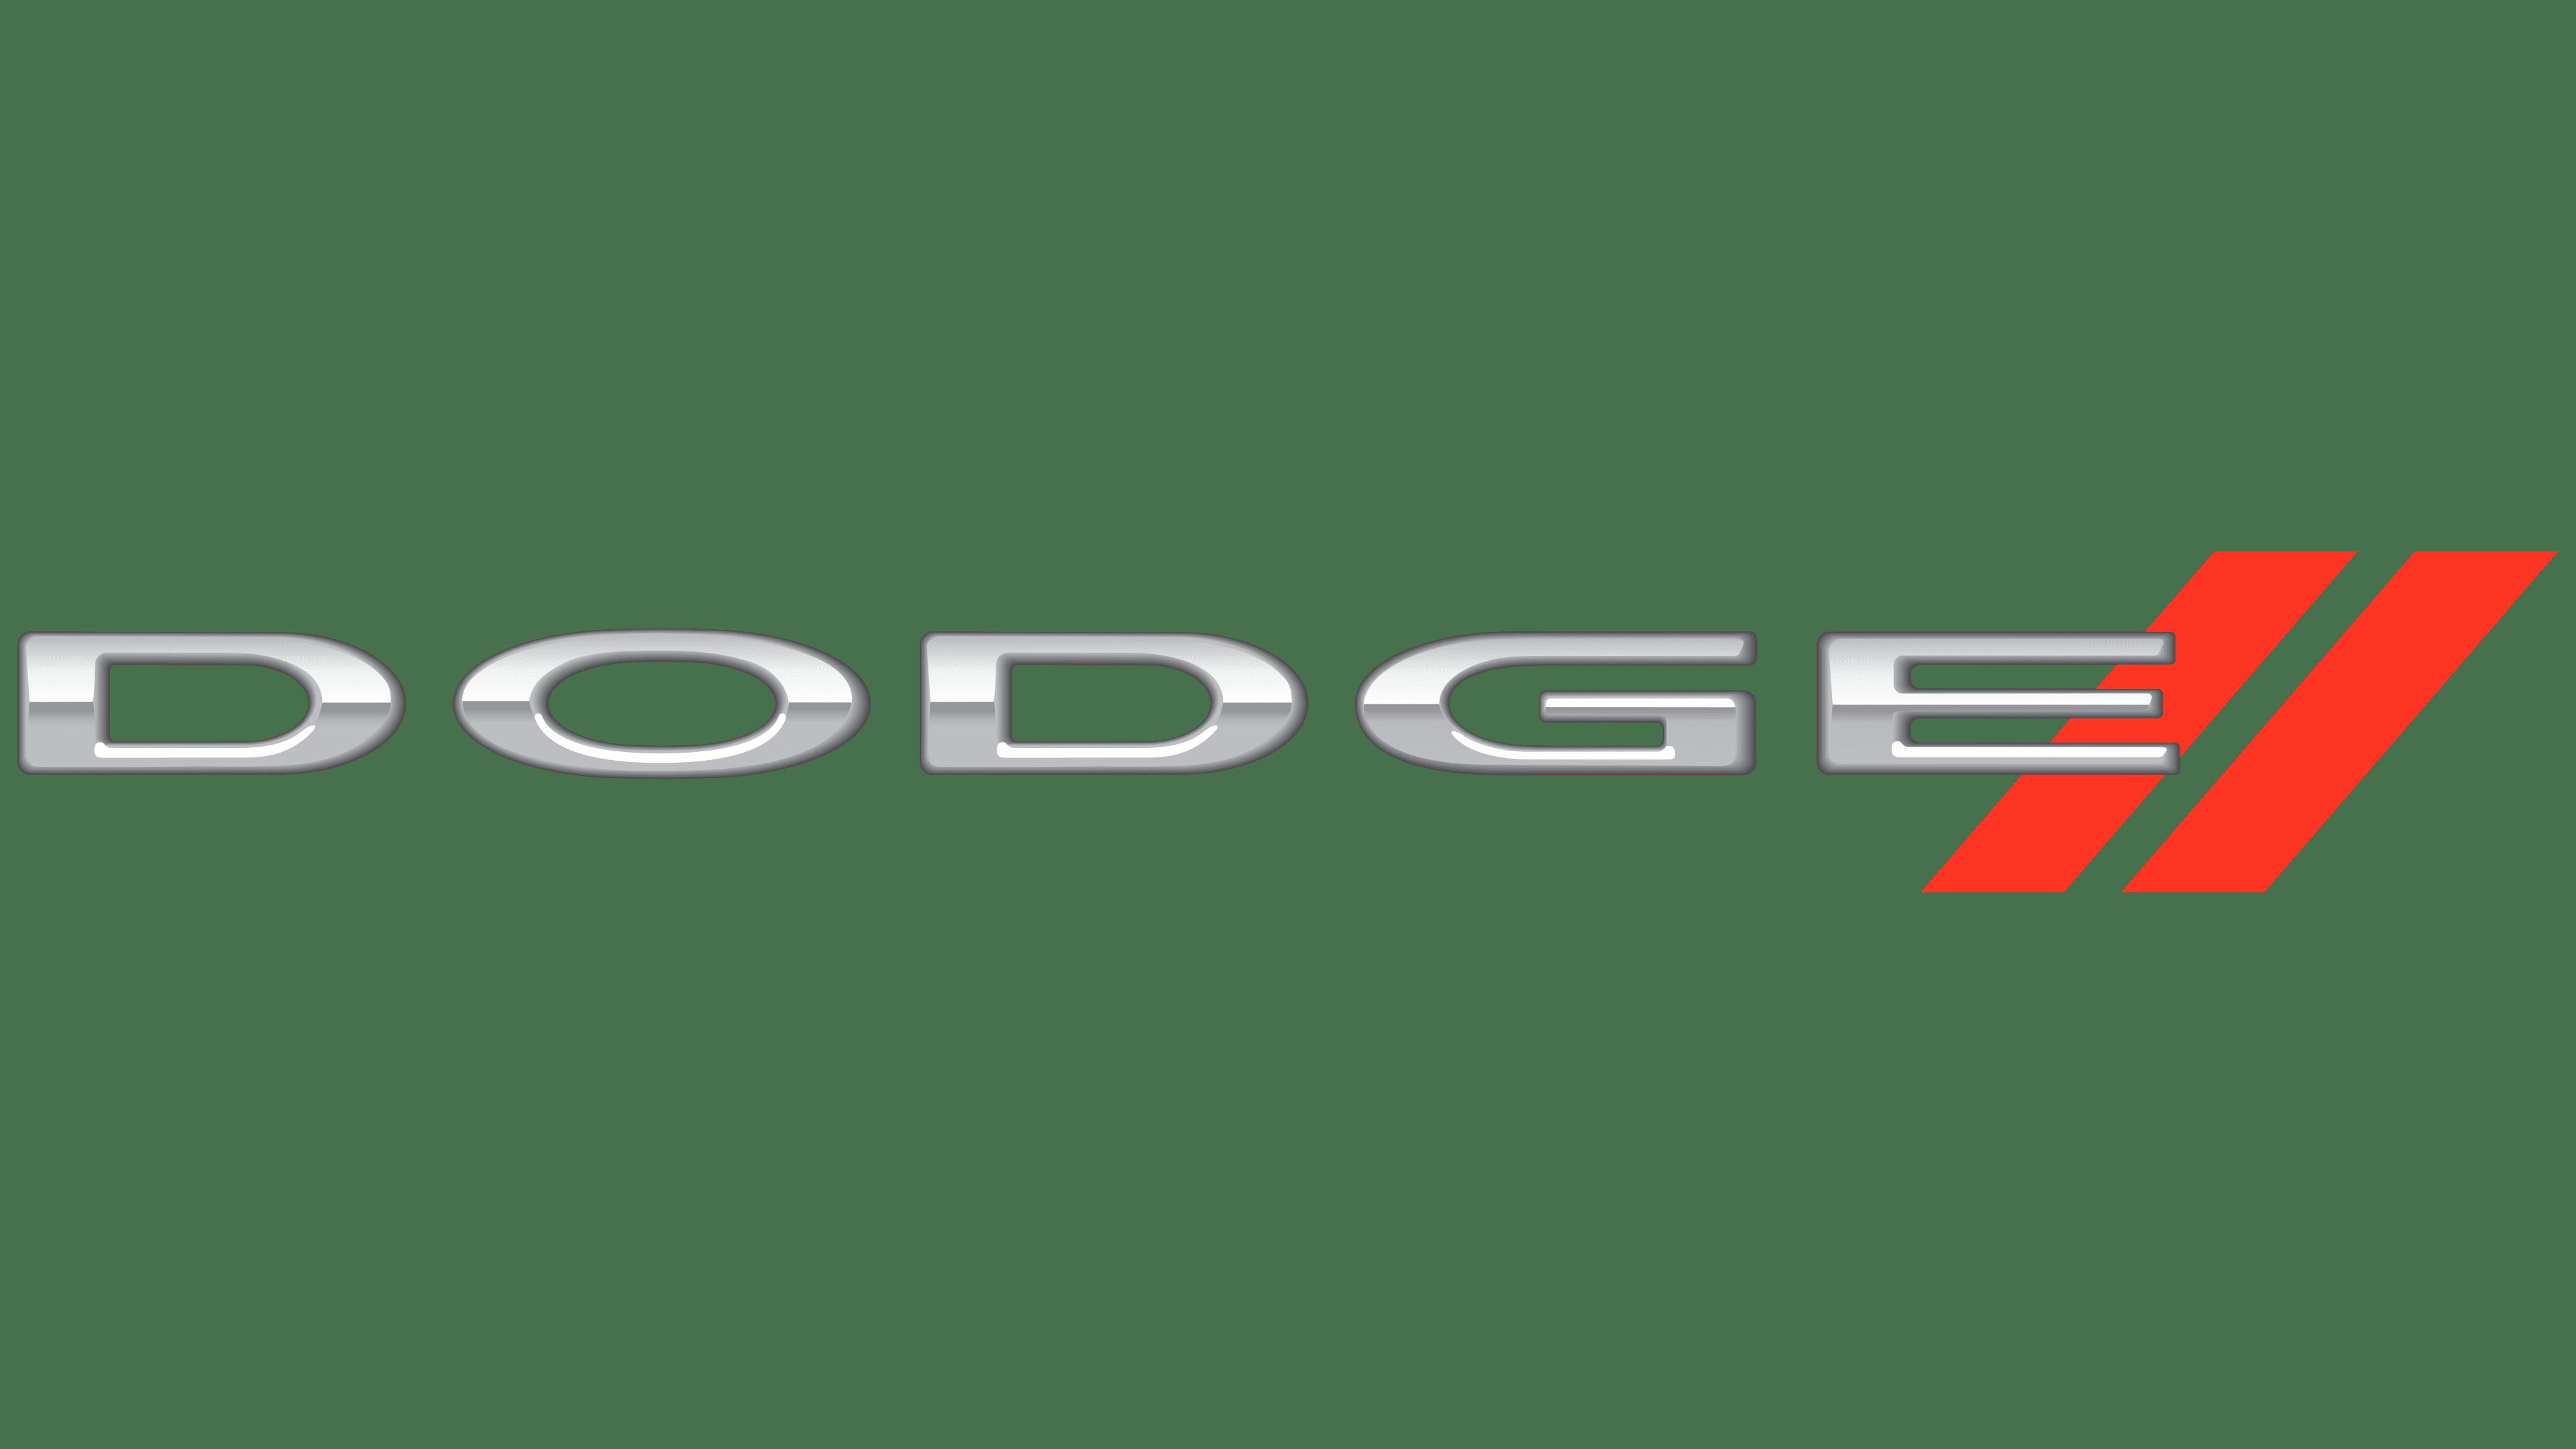 dodge emblem wiki Dodge Logo  Logo, zeichen, emblem, symbol. Geschichte und Bedeutung